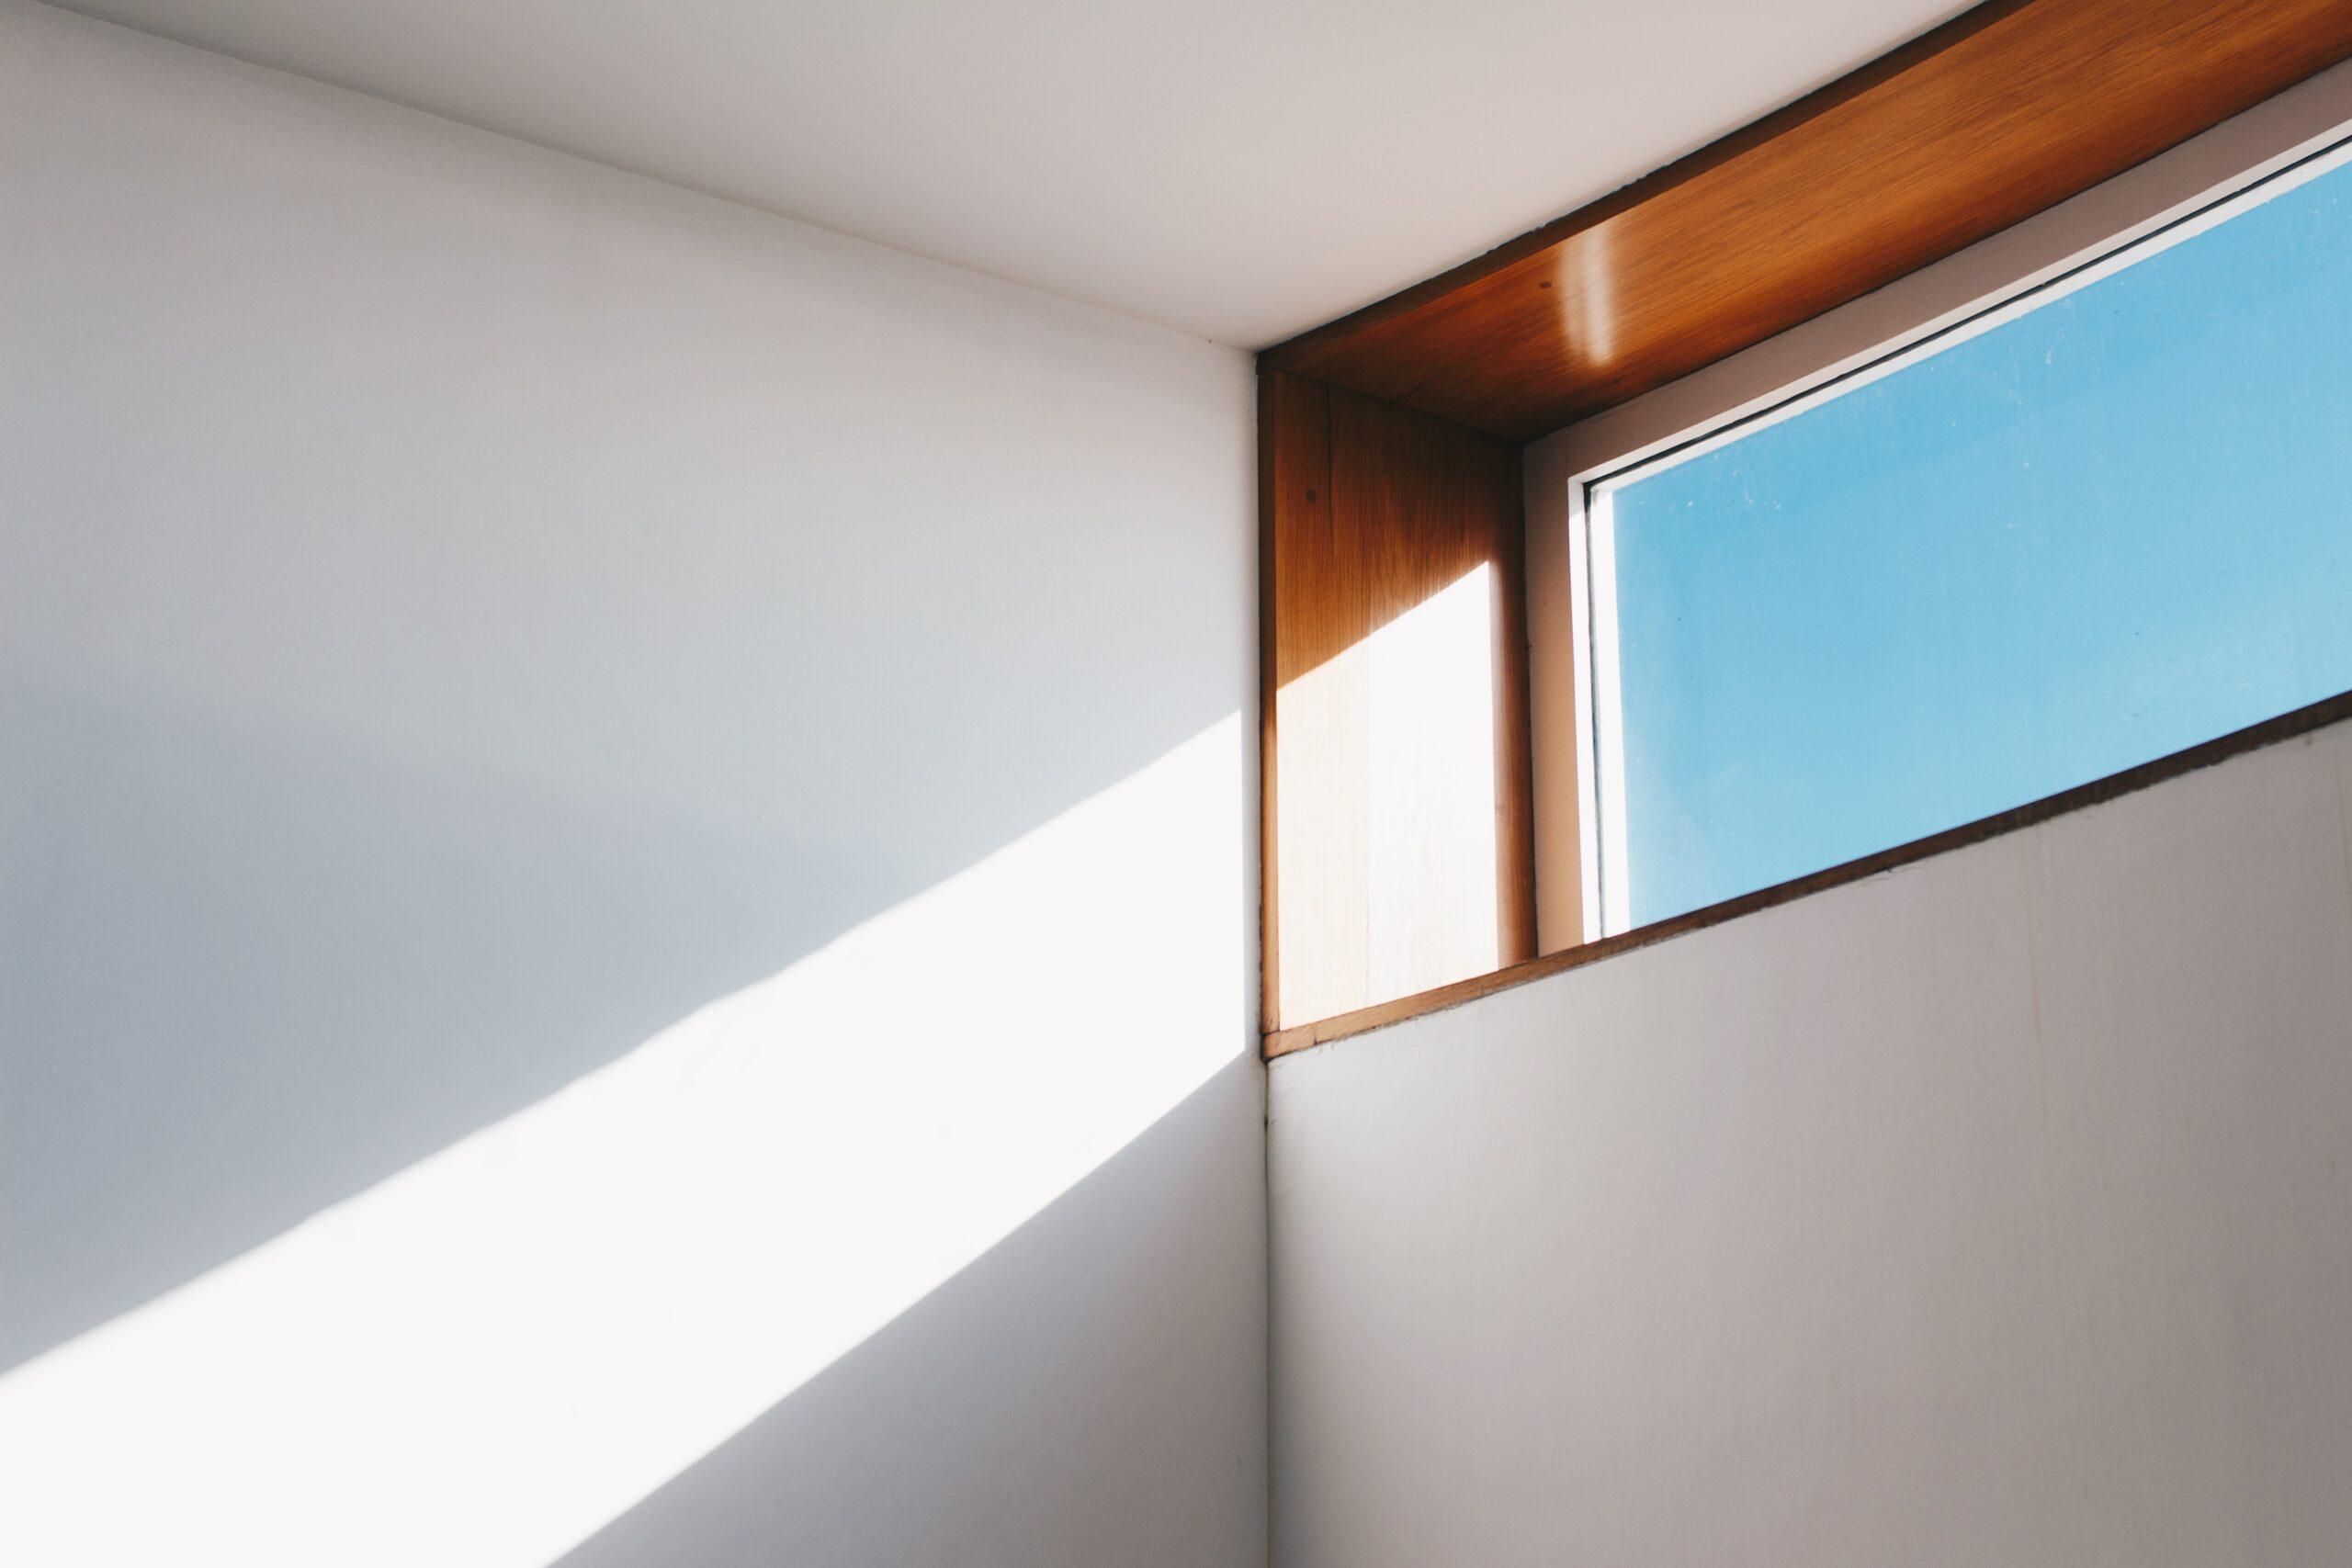 Fenster-einbauen